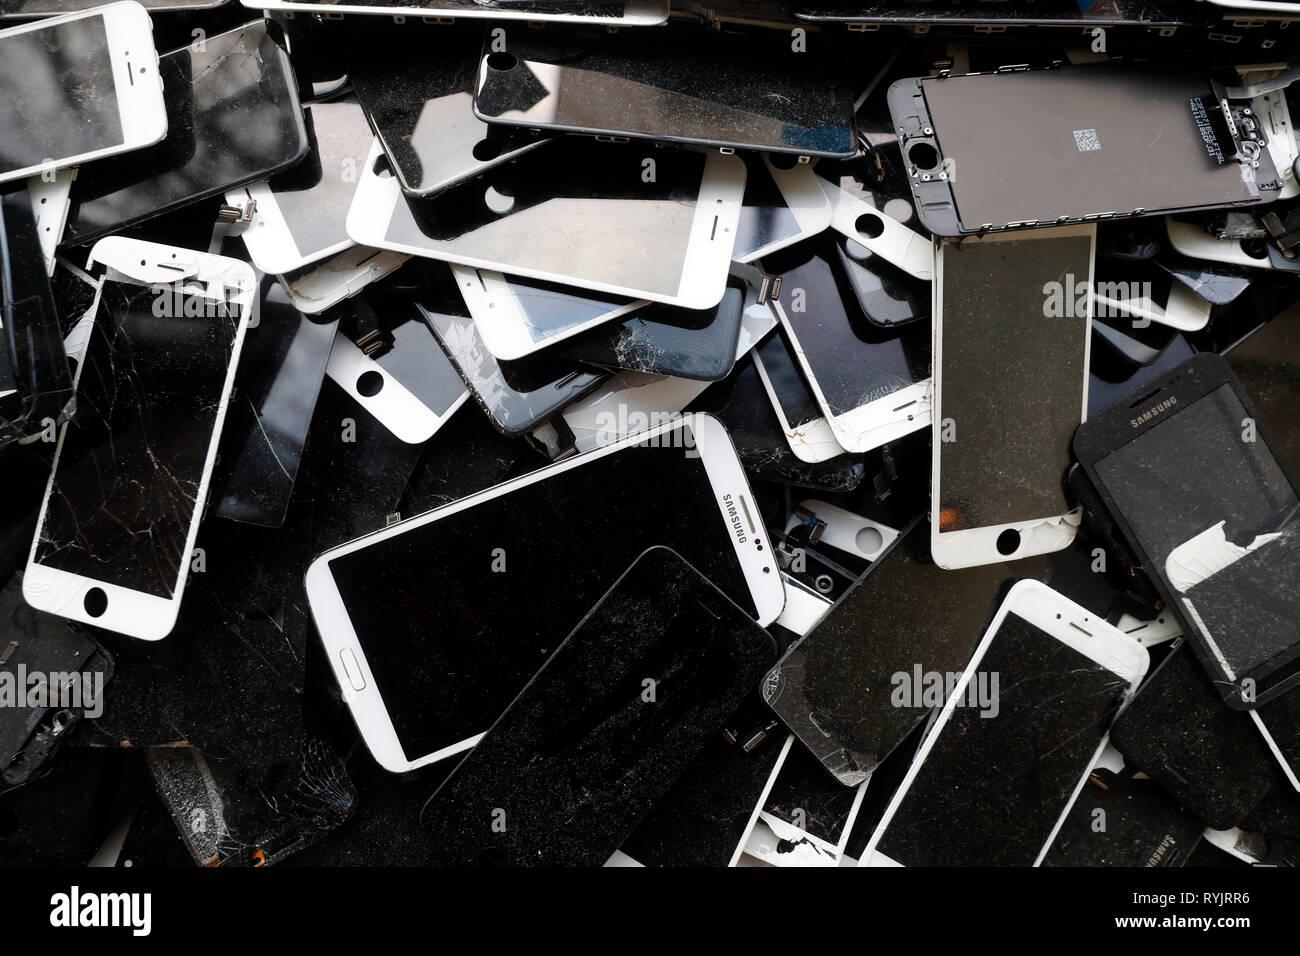 Reciclaje de teléfonos móviles e inteligentes. En el molde. Noruega. Imagen De Stock